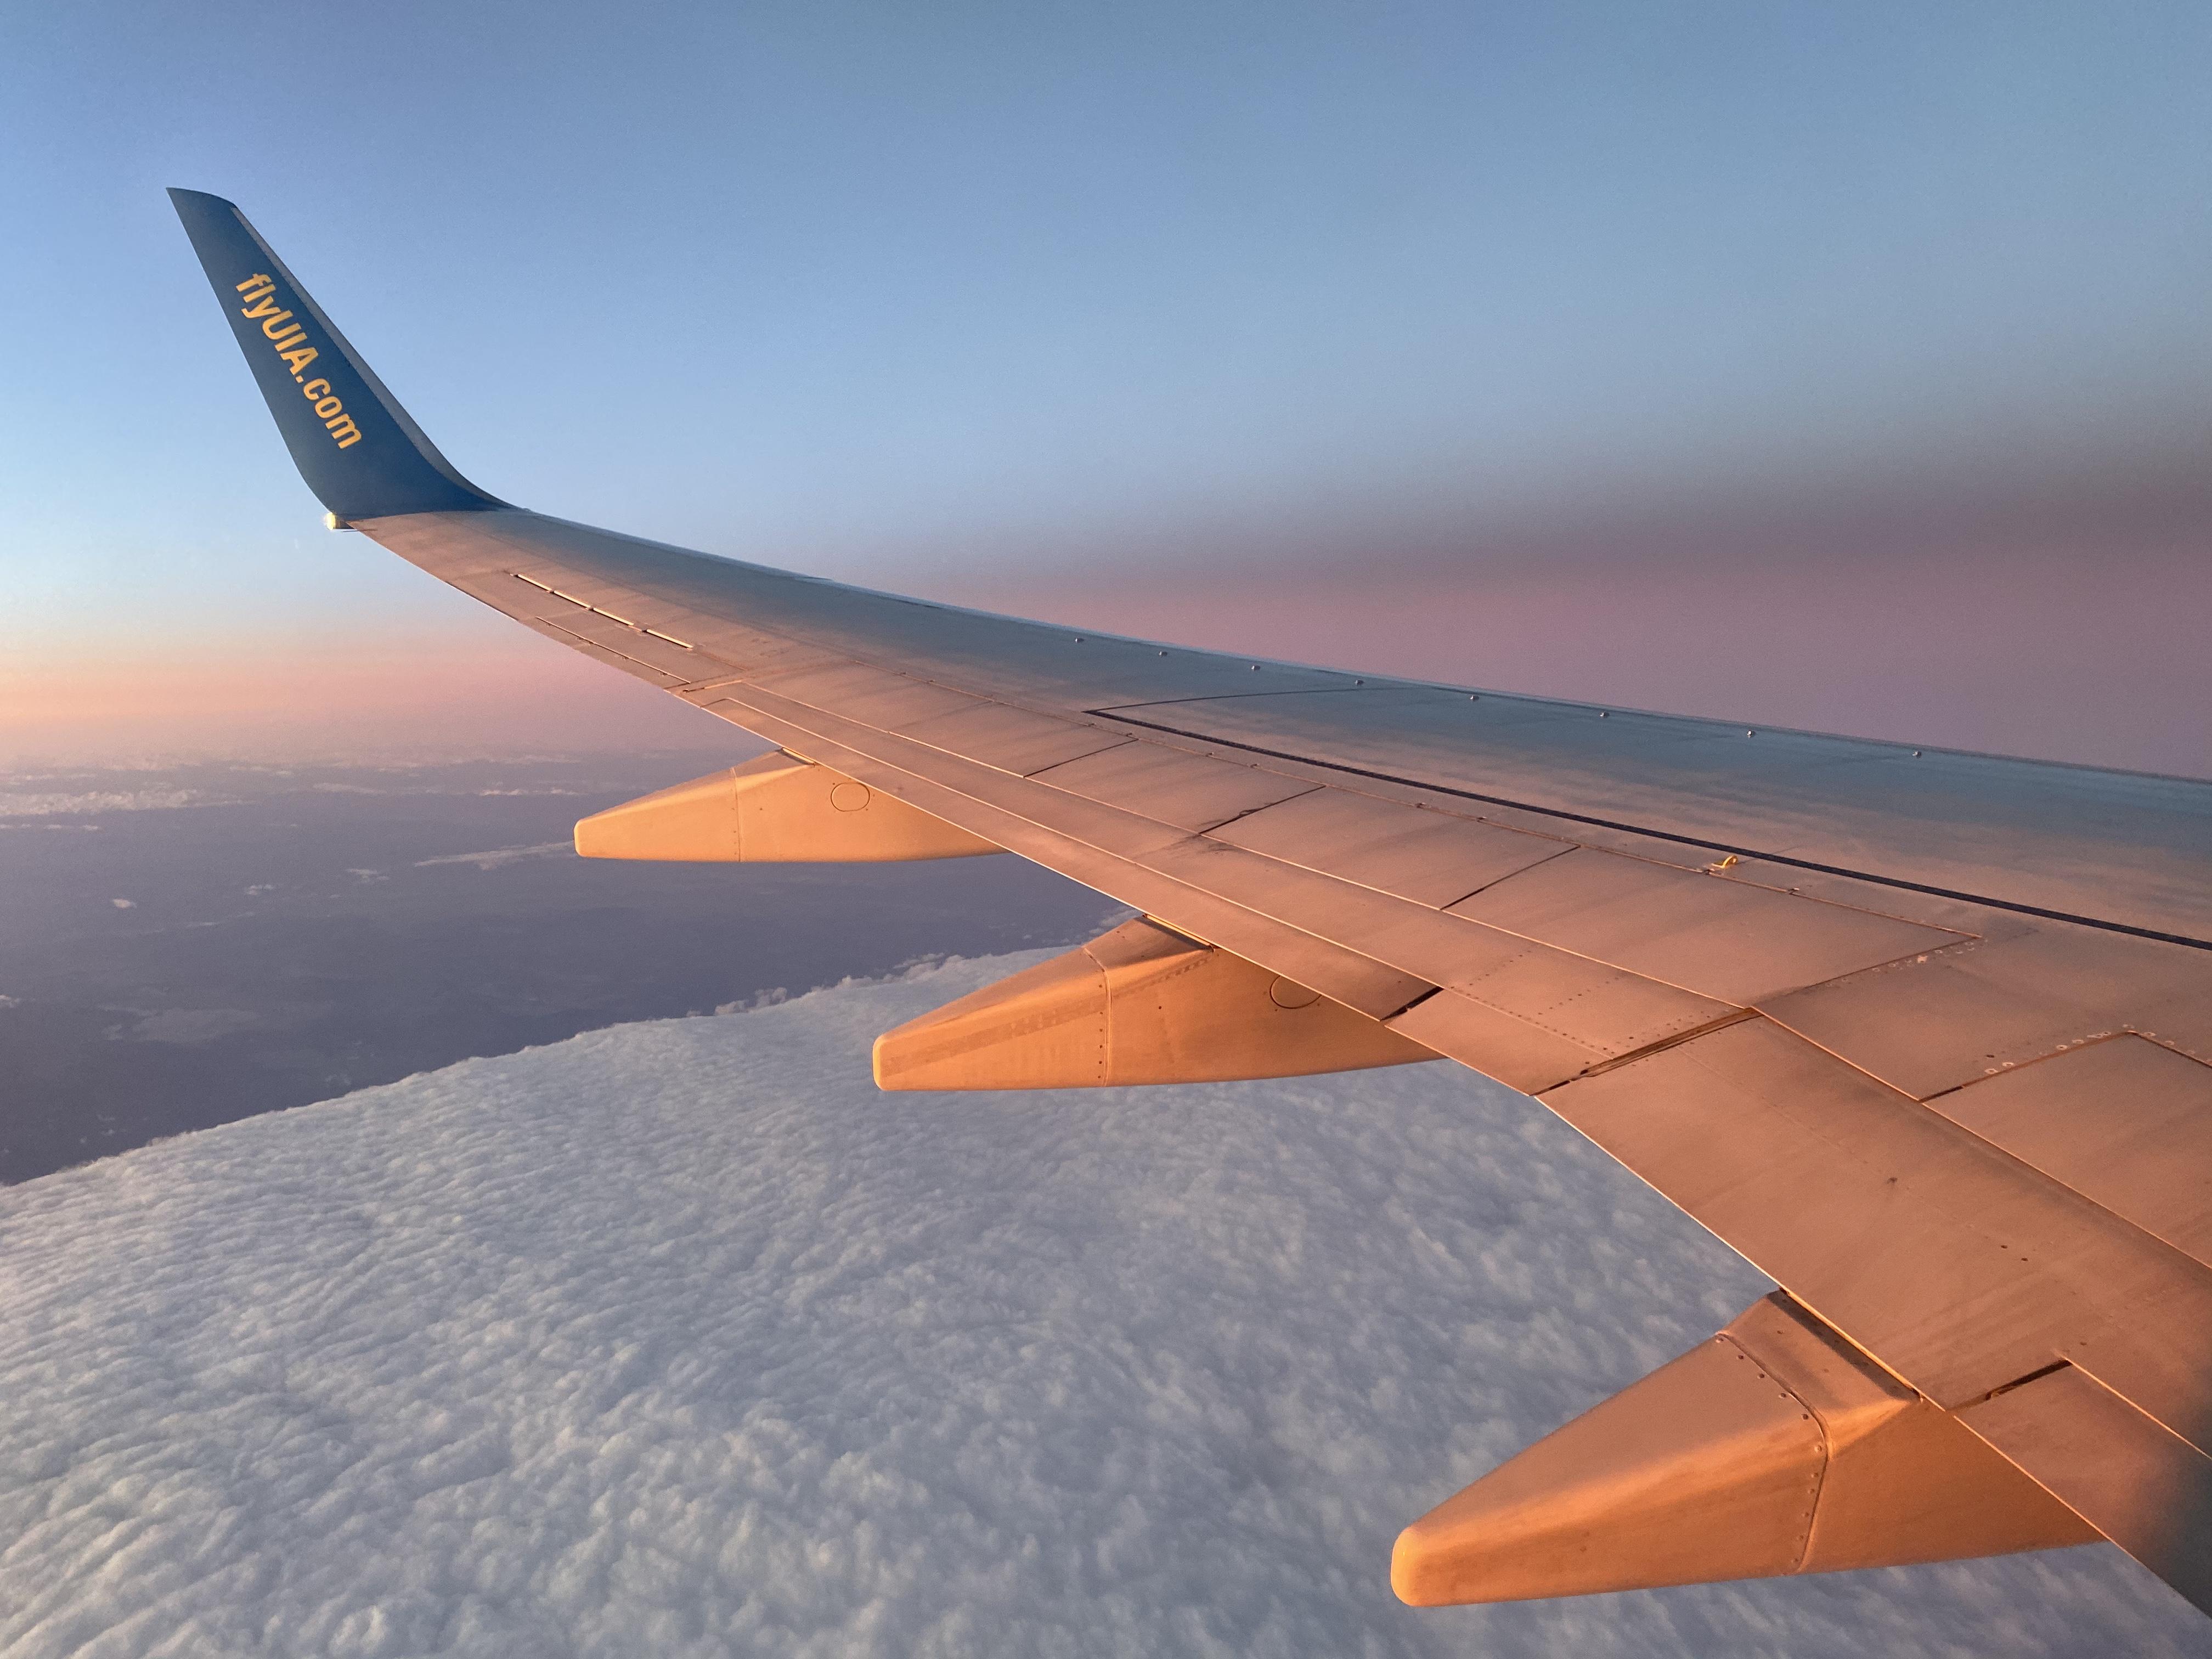 Палитра заката на Боинг 737-800